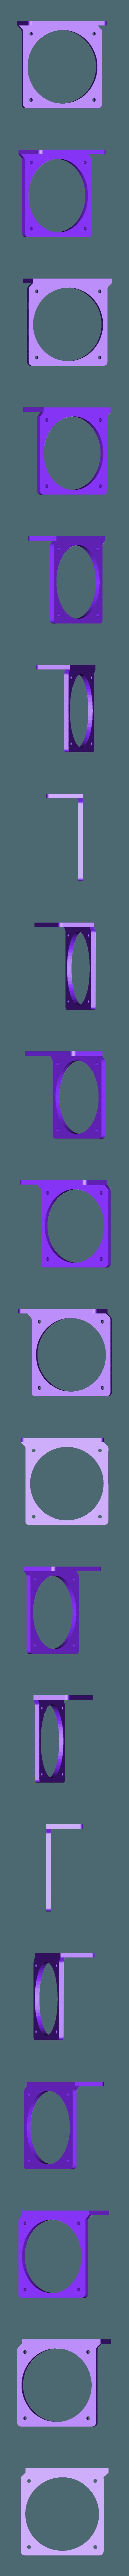 Soporte_Ventilador_v1.stl Télécharger fichier STL gratuit Soutien au ventilateur électronique Anet A6 • Design imprimable en 3D, robertoperezparro